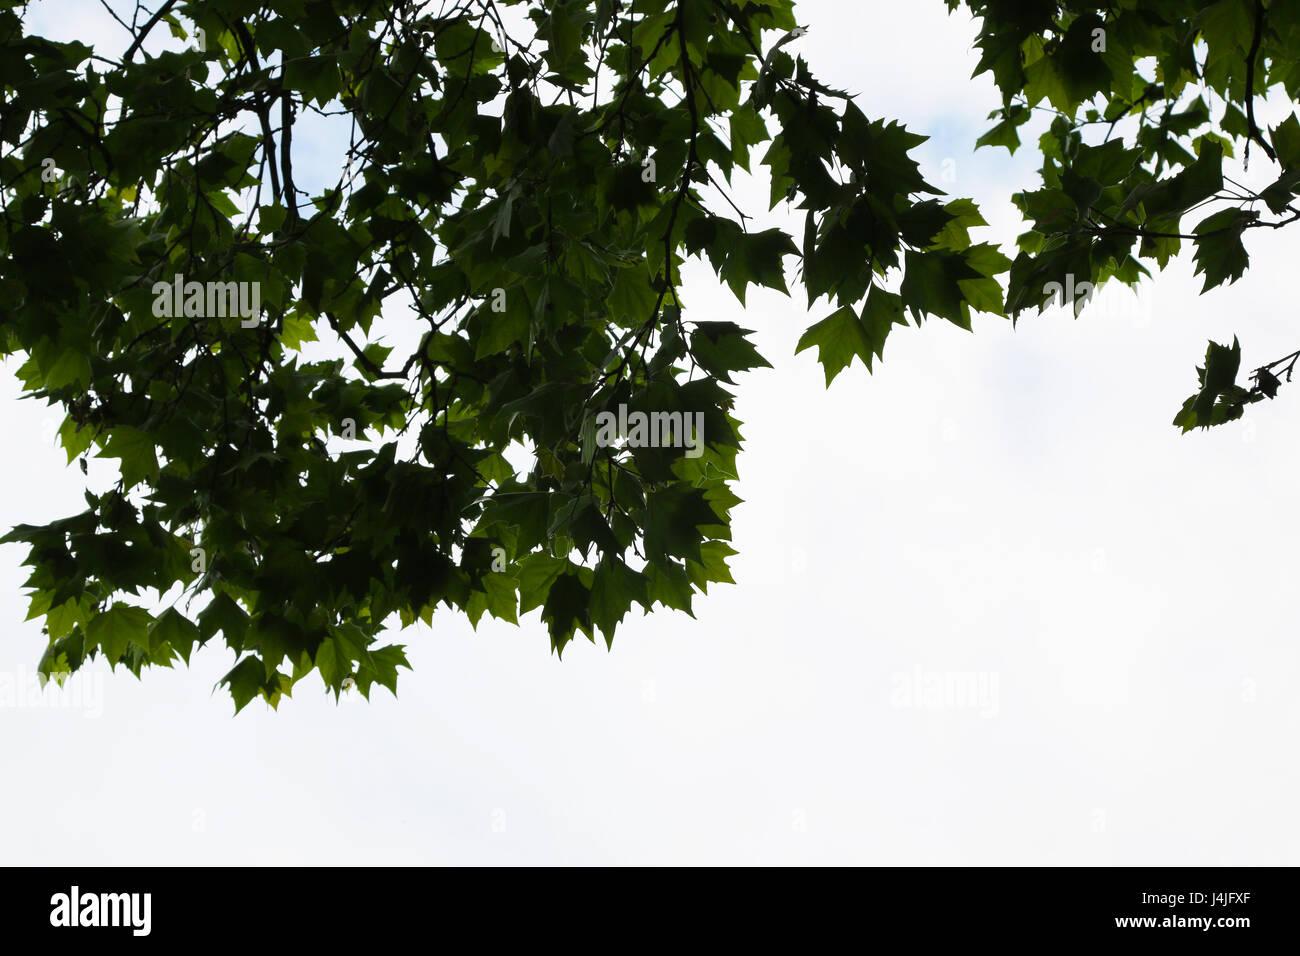 Grüne Blätter und Zweige gegen den Himmel Stockbild